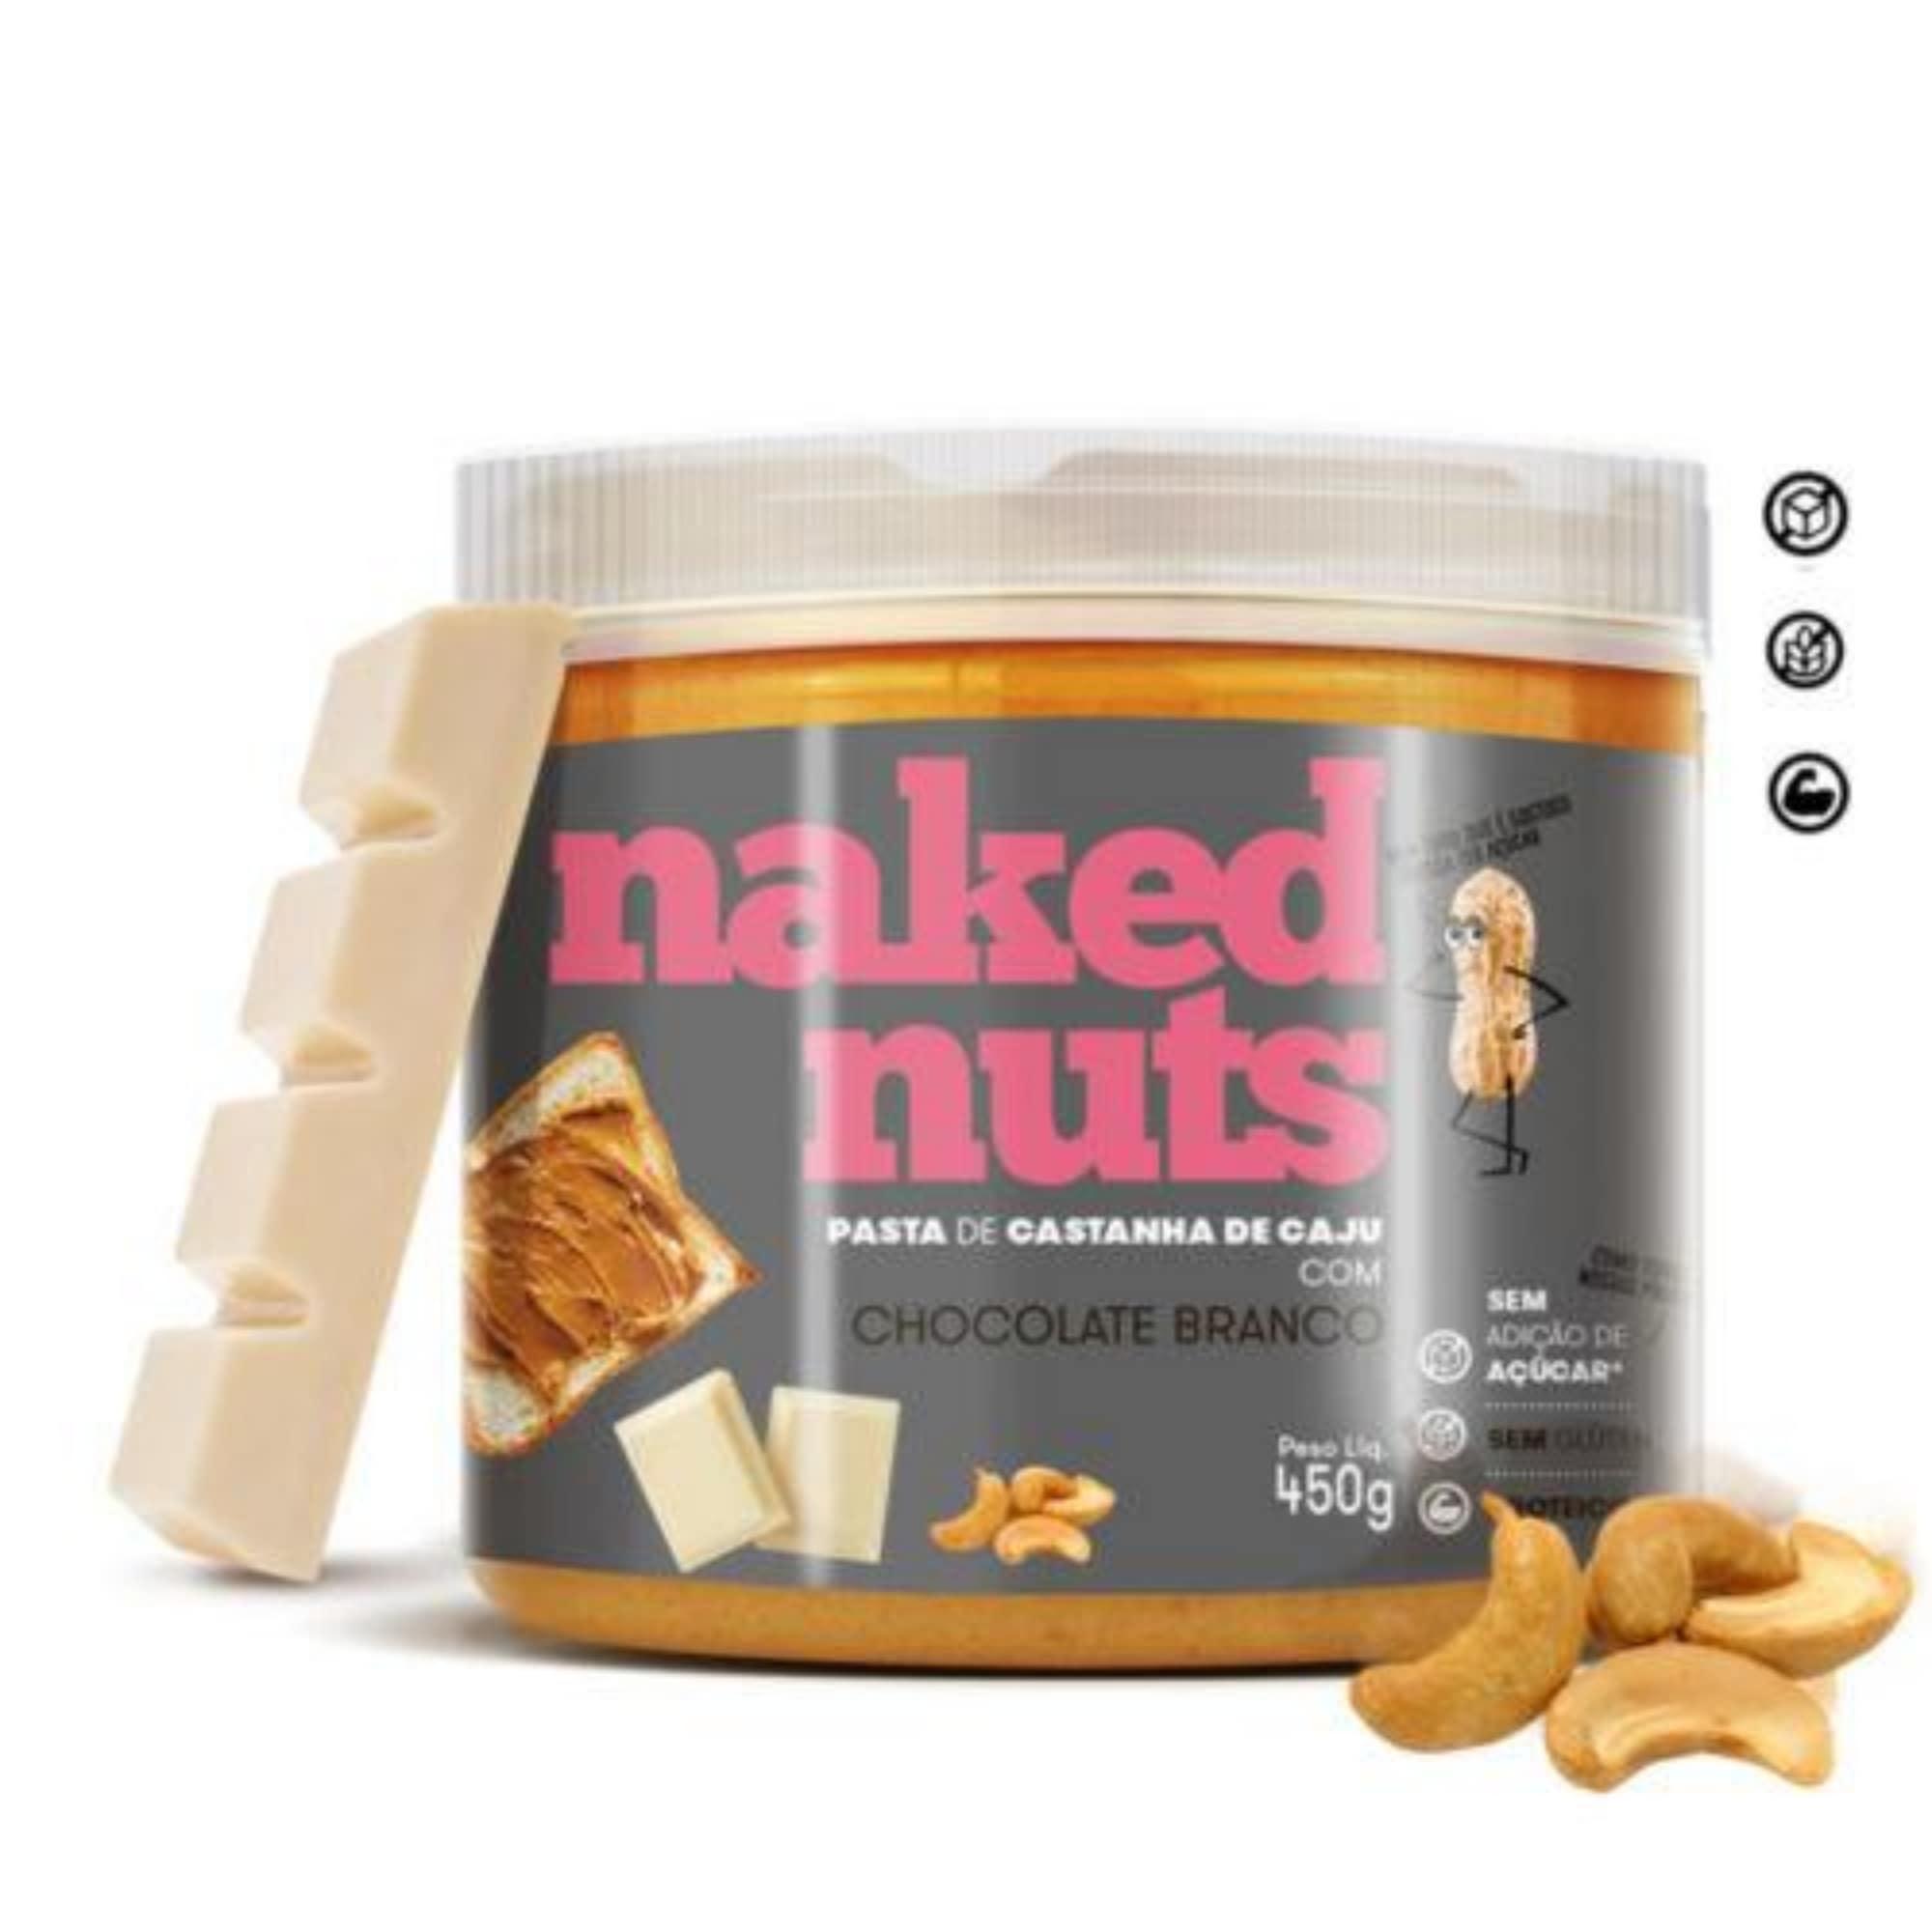 Pasta De Castanha De Caju Com Chocolate Branco Naked Nuts 450g - Ganhe Brinde